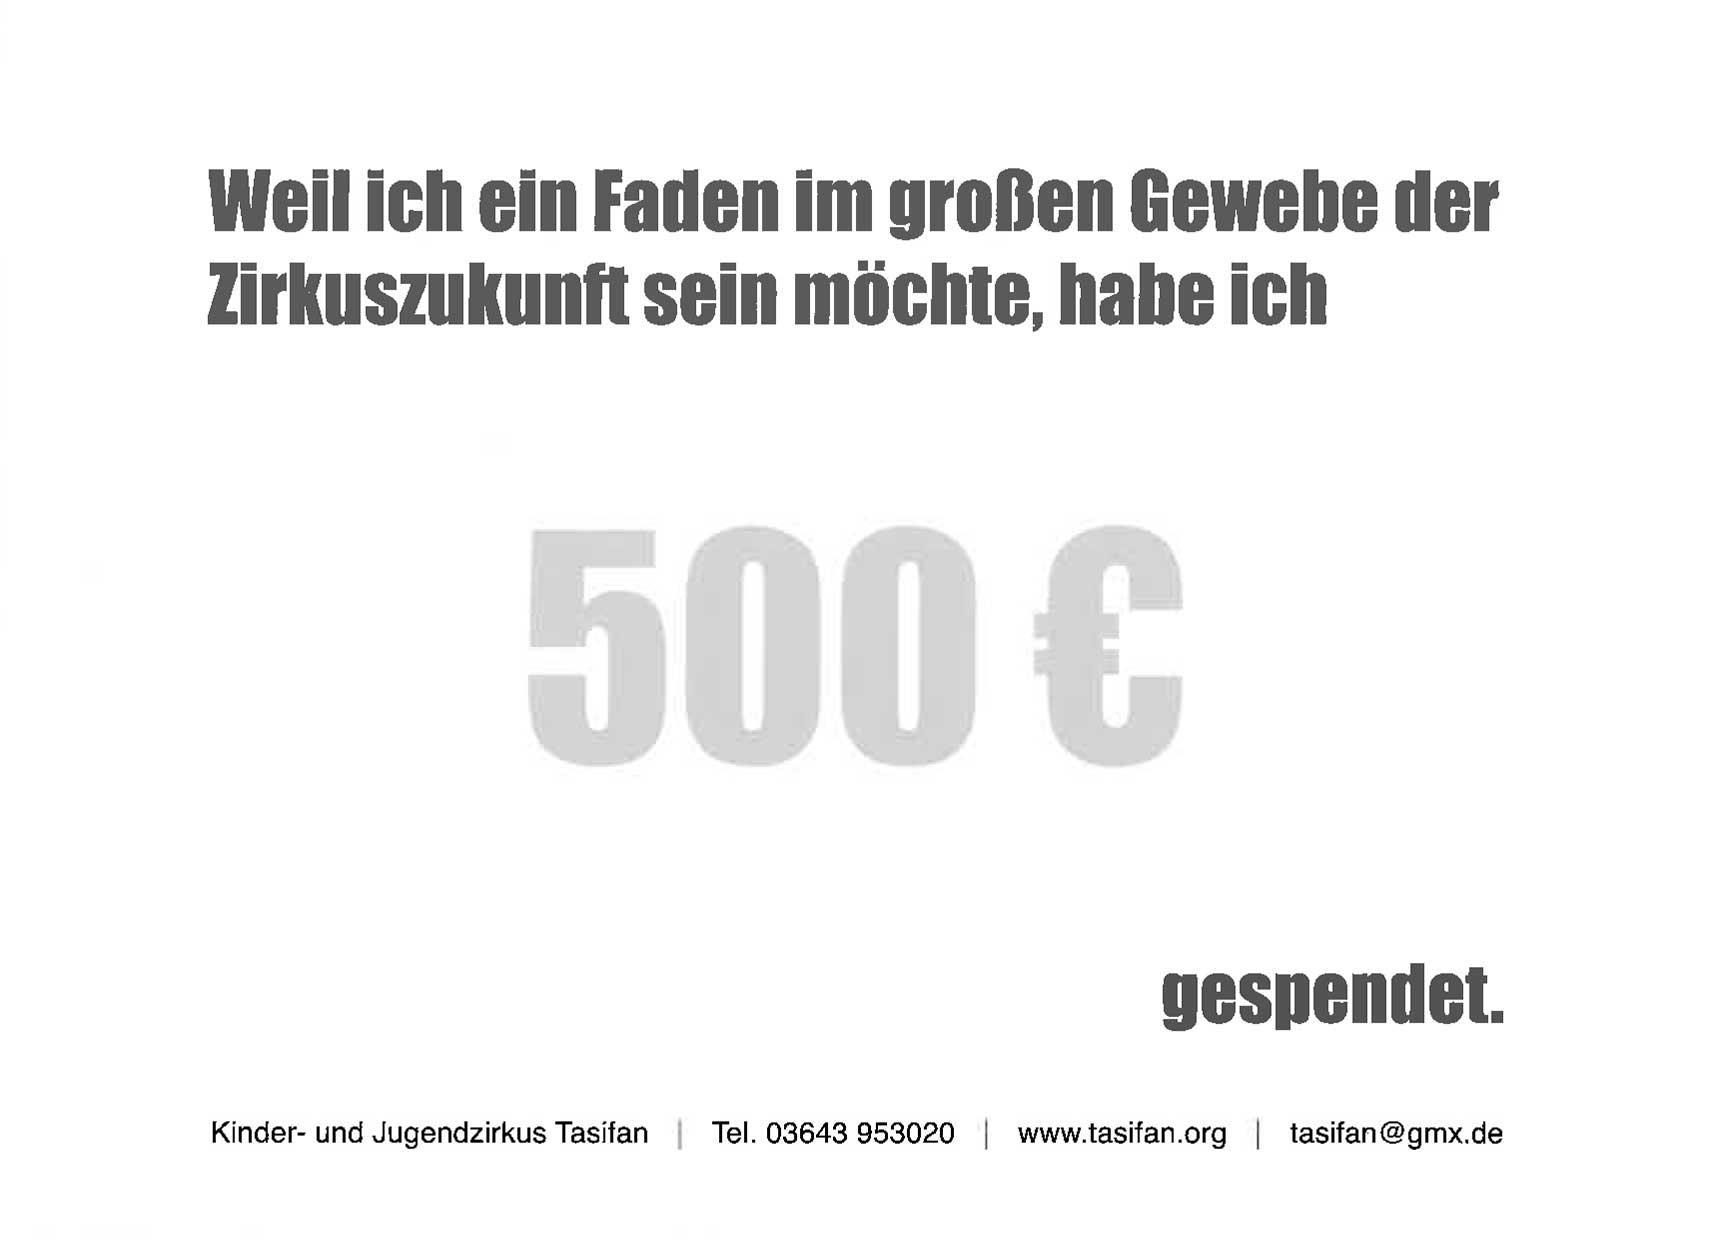 tasifan_spende